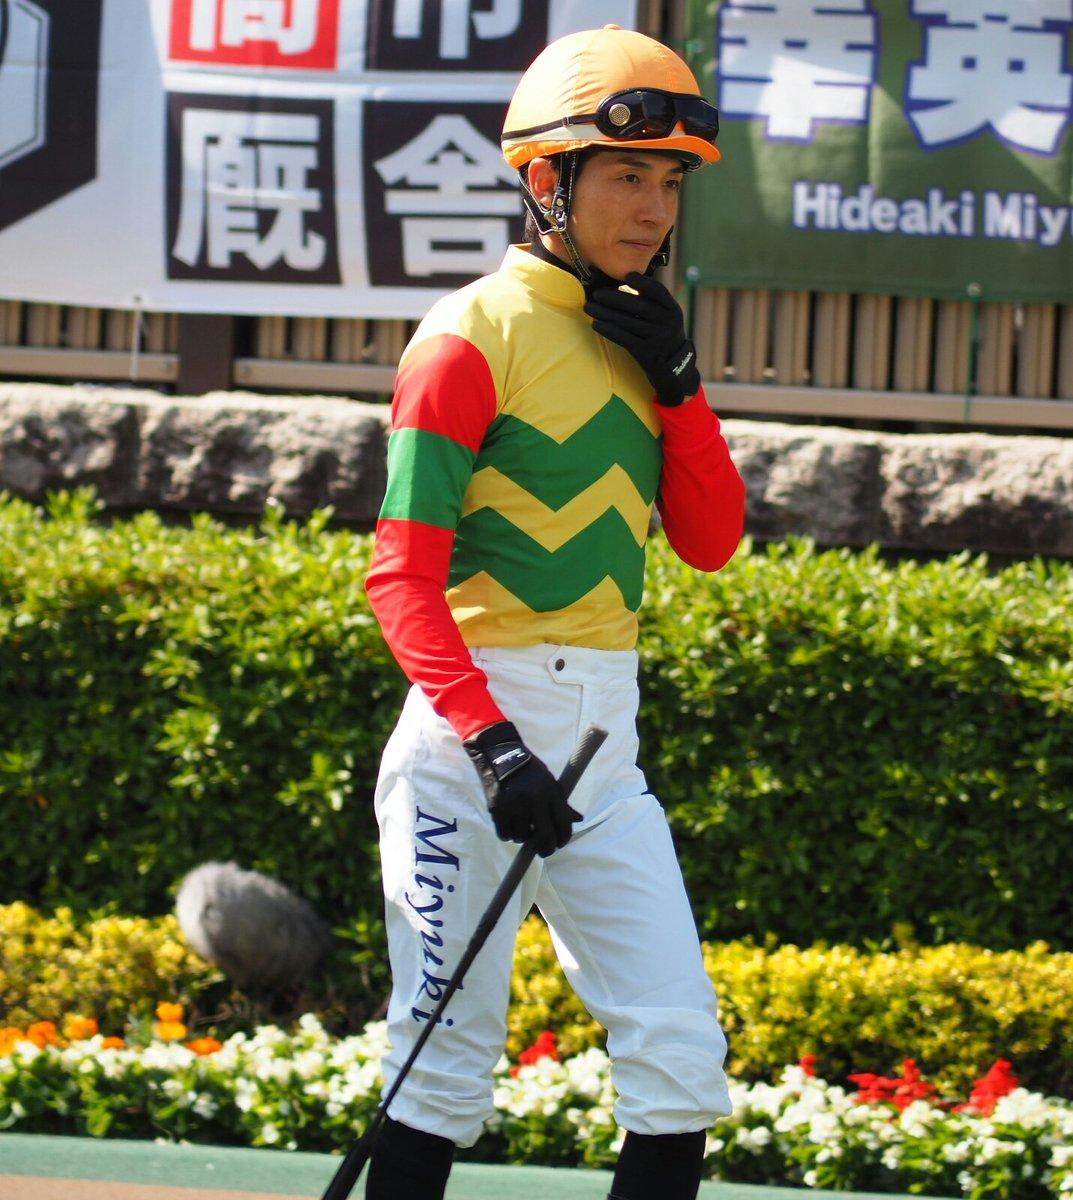 2019.5.19 東京競馬第11レースのパドックにて。幸英明騎手。